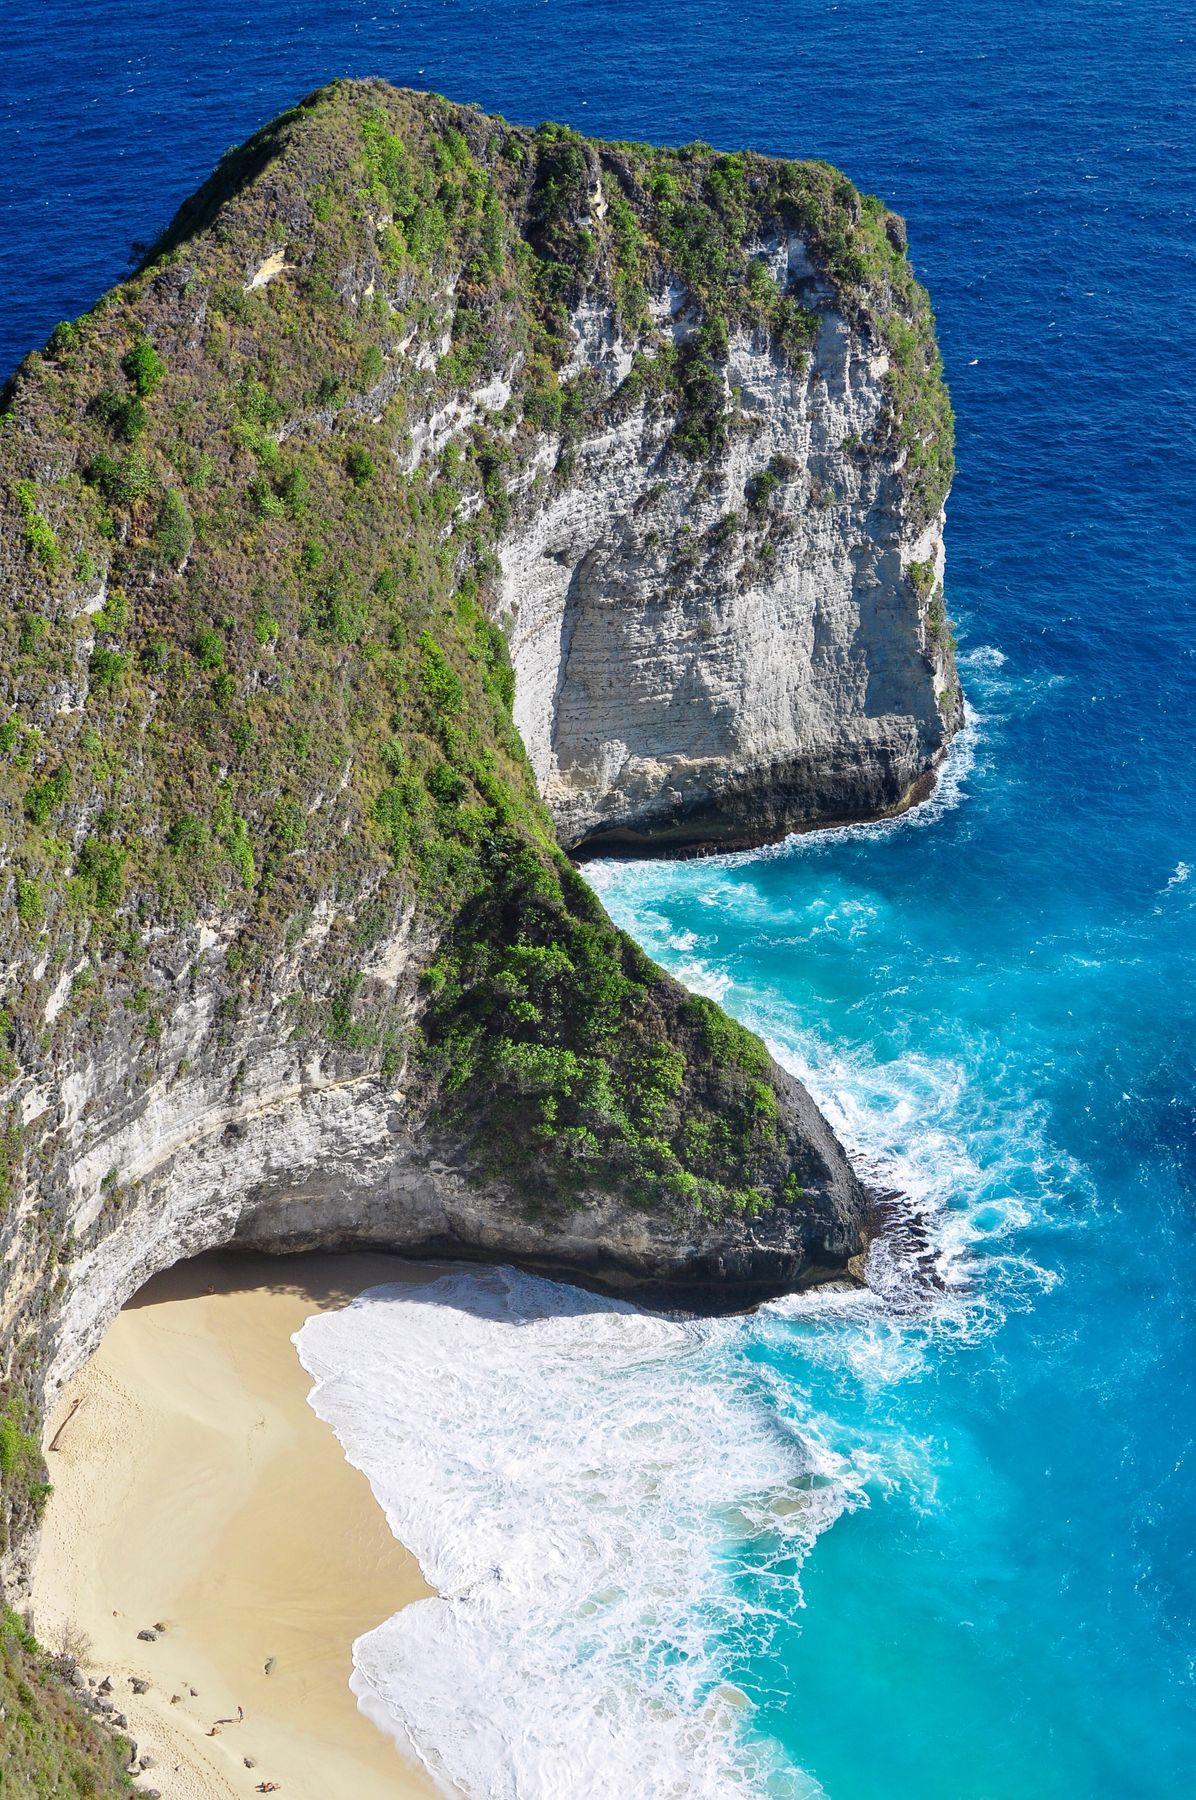 Nusa Penida. Bali